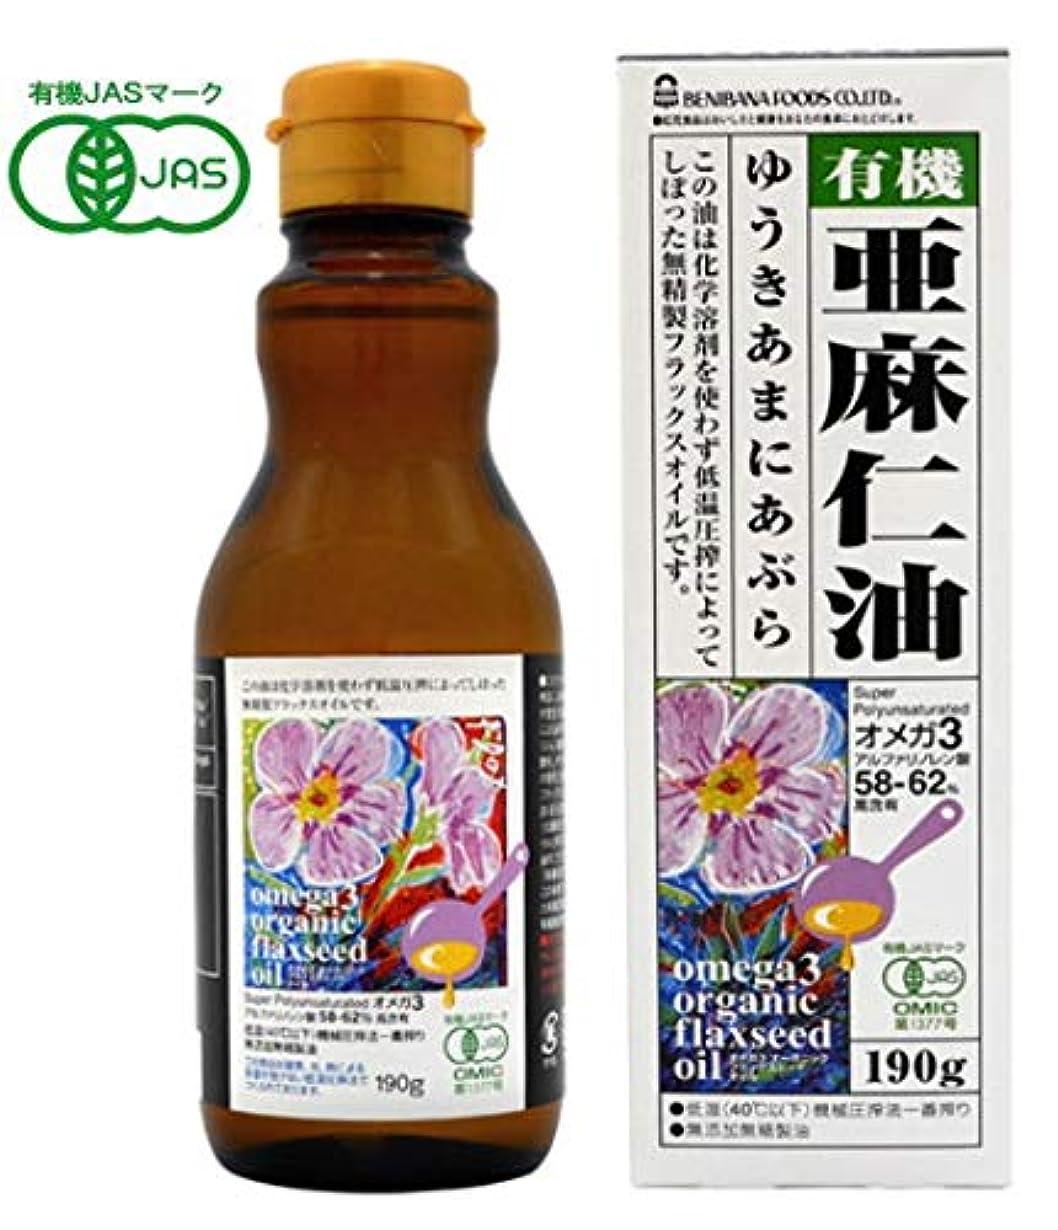 展開するラフ睡眠議論する紅花食品 オーガニックフラックスシードオイル(有機亜麻仁油) 190g×8本セット